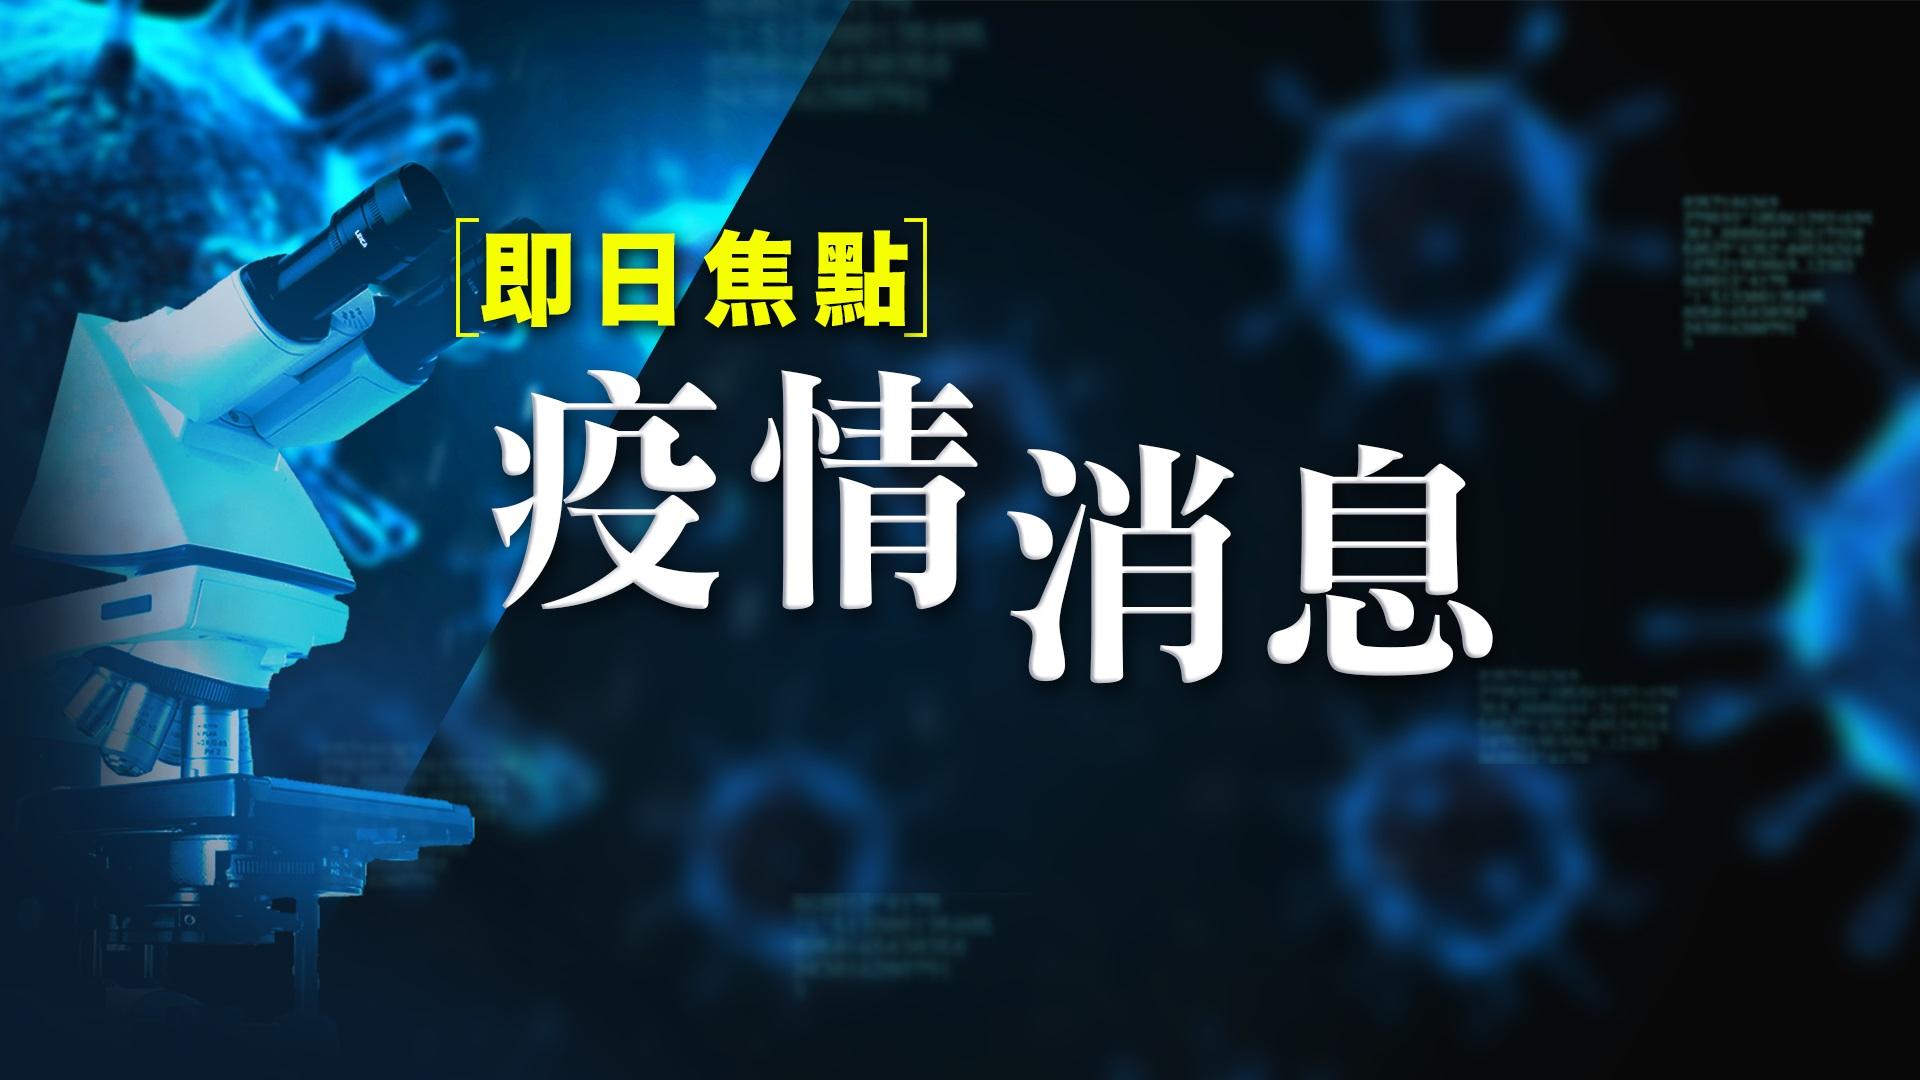 【即日焦點·疫情消息】「停業令」即日生效政府承認修例倉促 Red MR:生意雪上加霜;台灣擬展開「抗疫外交」向歐盟捐贈口罩